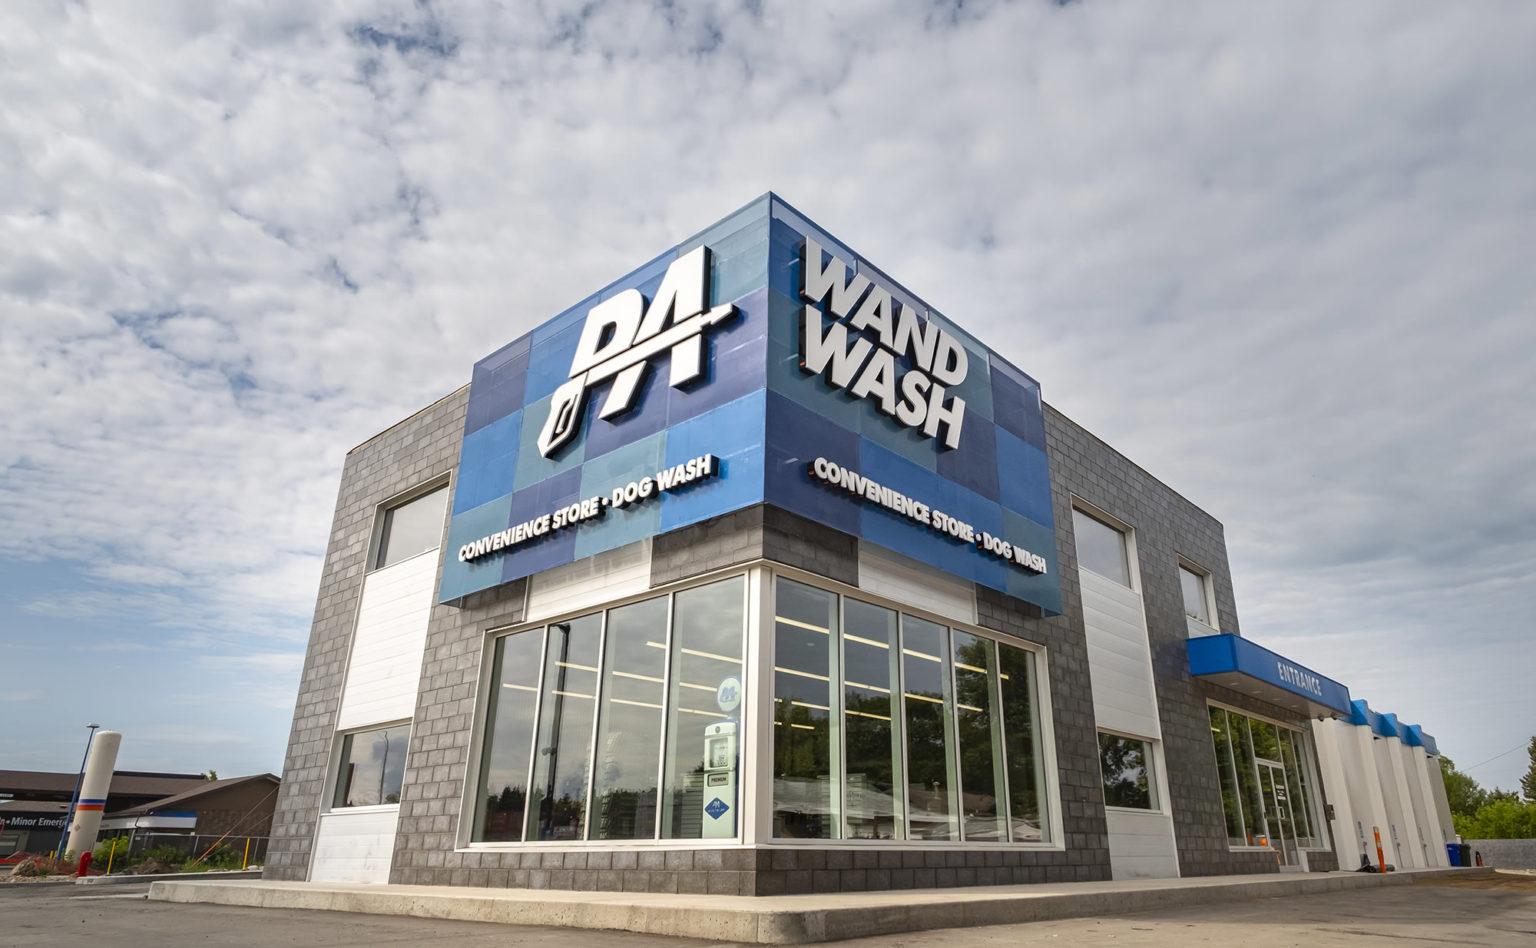 Zak's Building Group PA Wand Wash